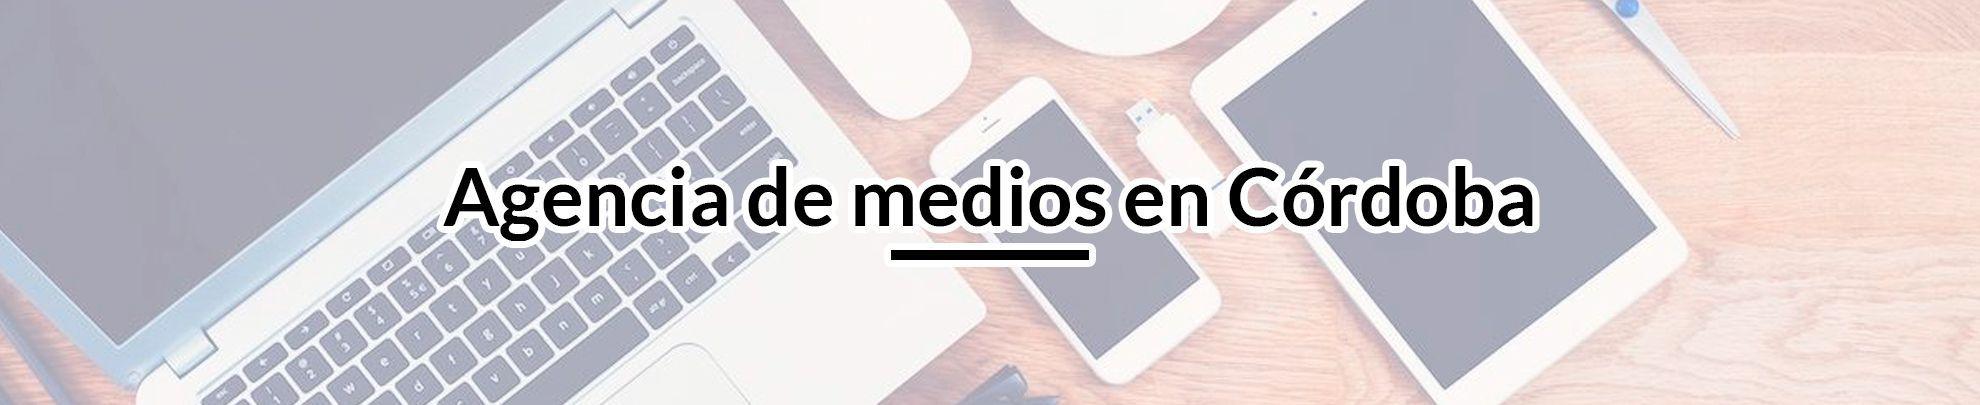 Agencia de medios en Córdoba agencia-de-medios-en-cordoba